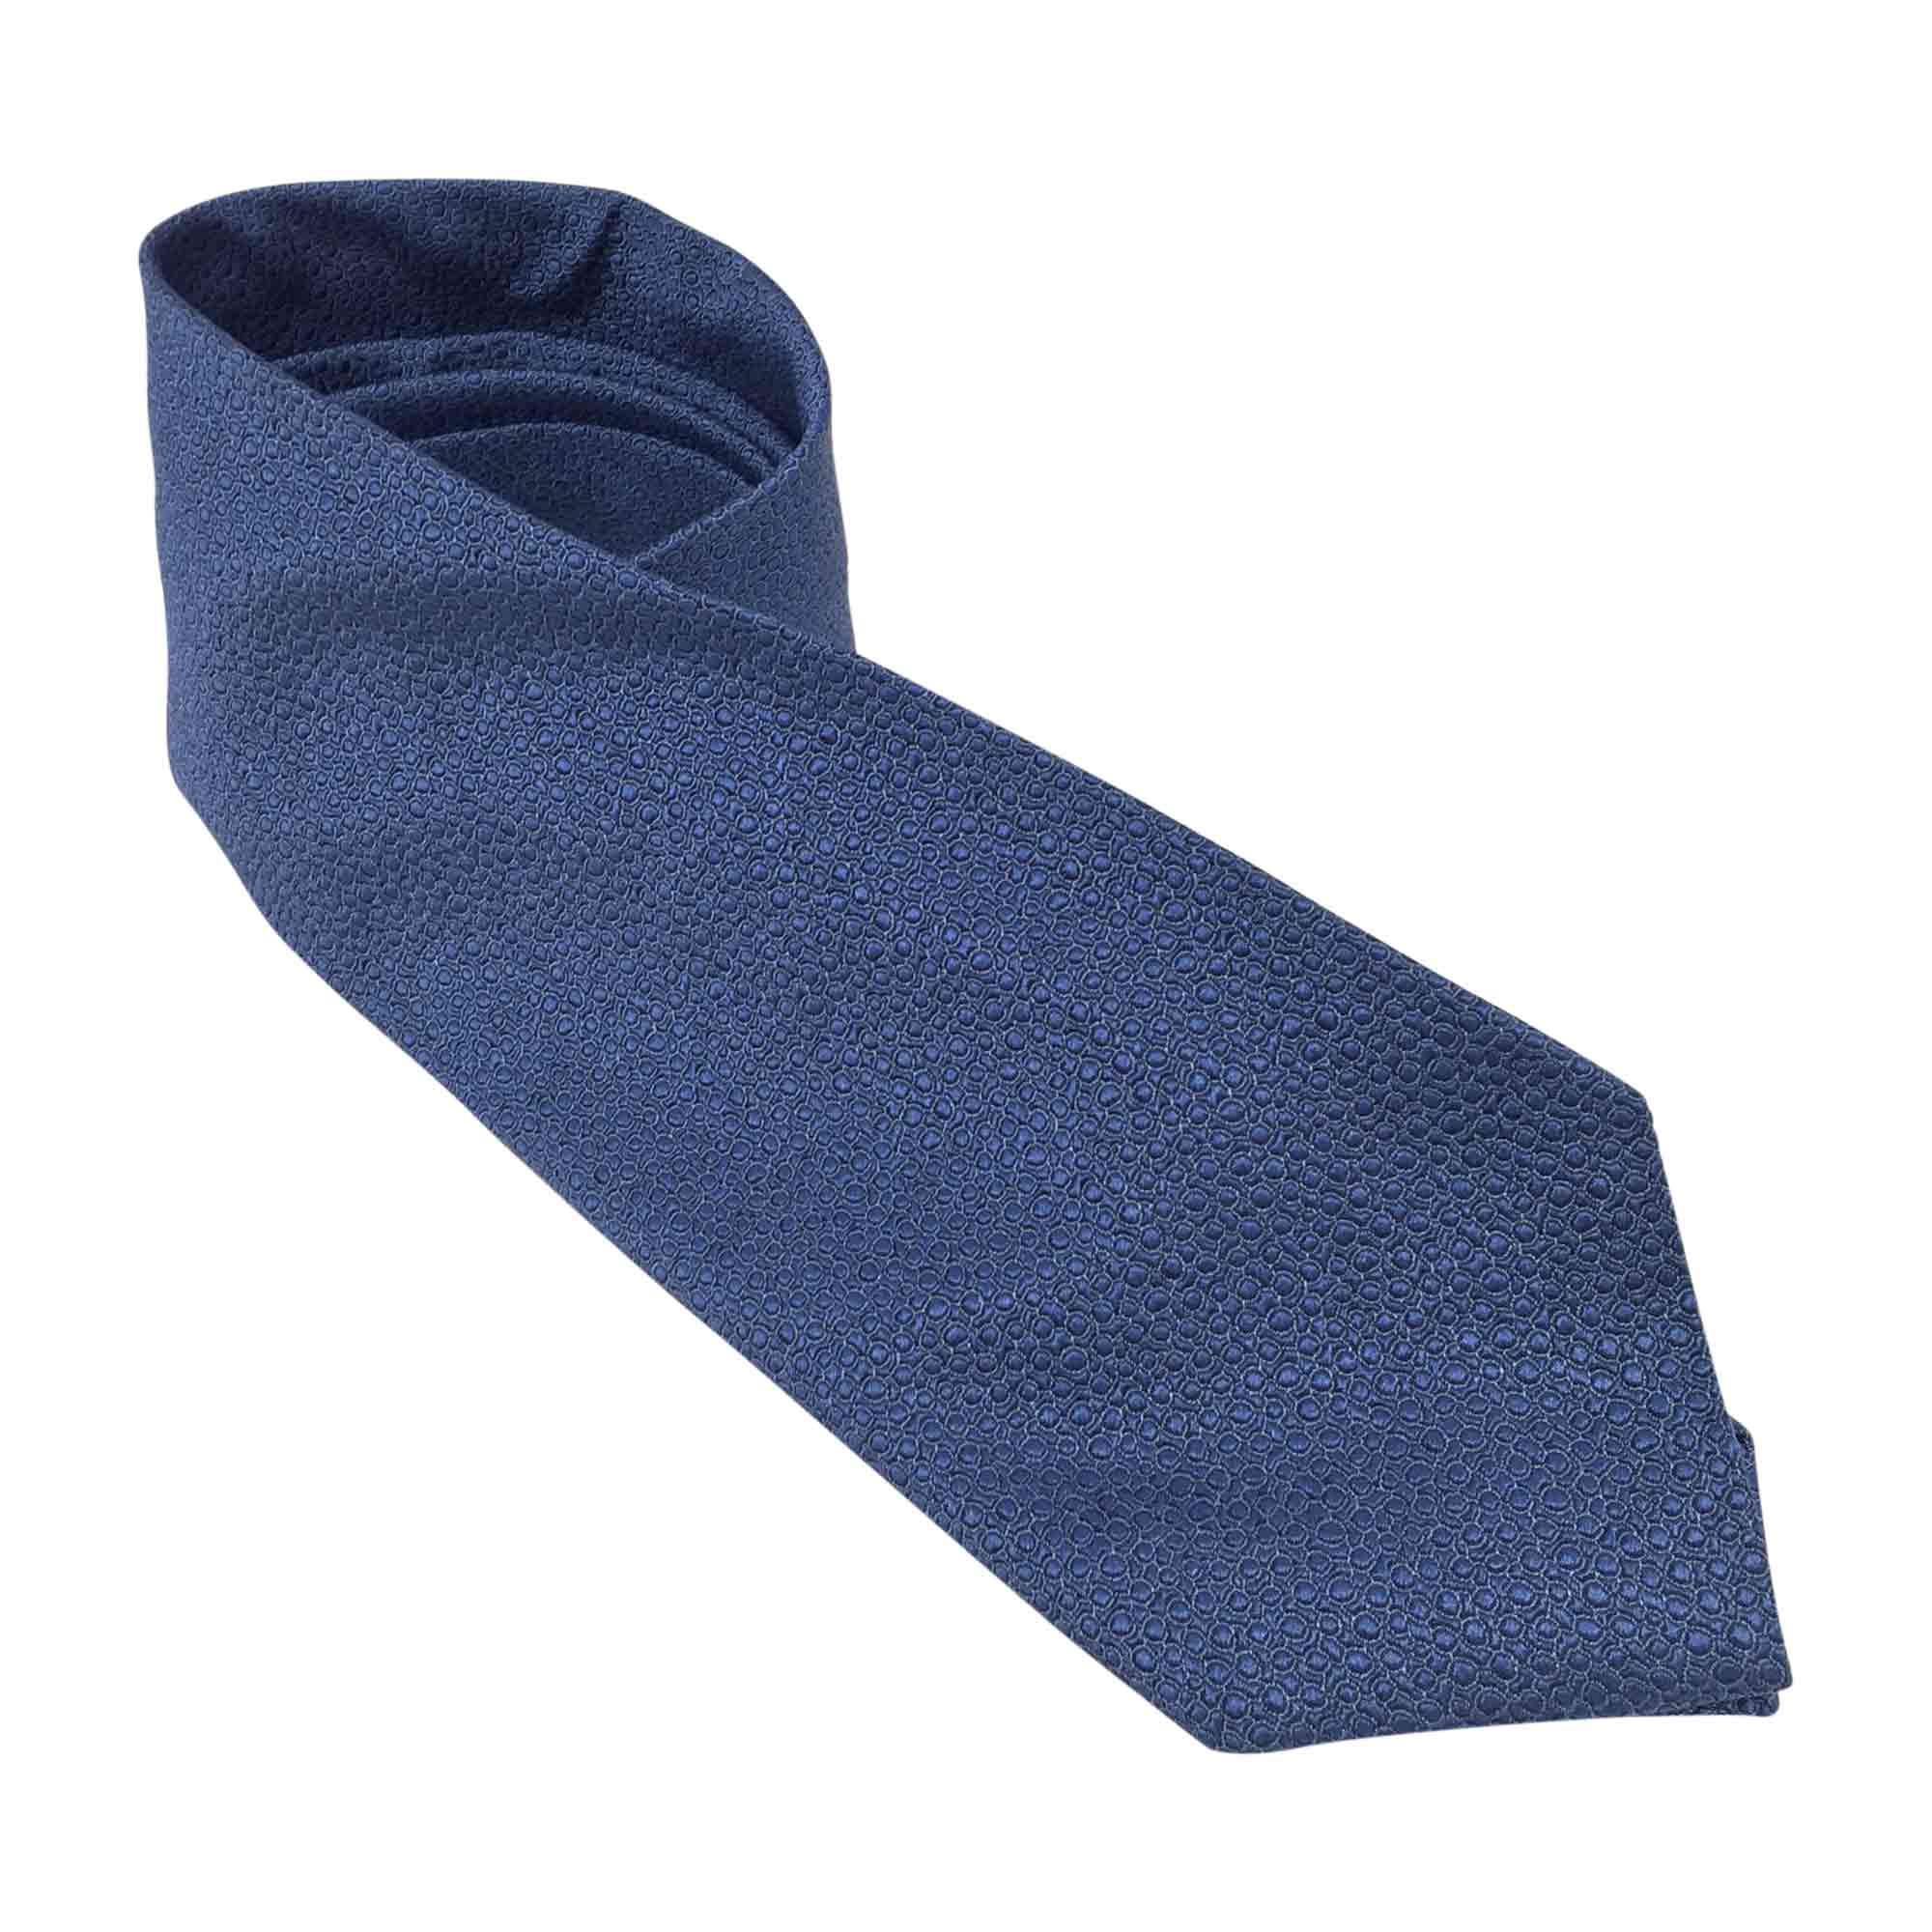 Cravate SALVATORE FERRAGAMO Bleu, bleu marine, bleu turquoise